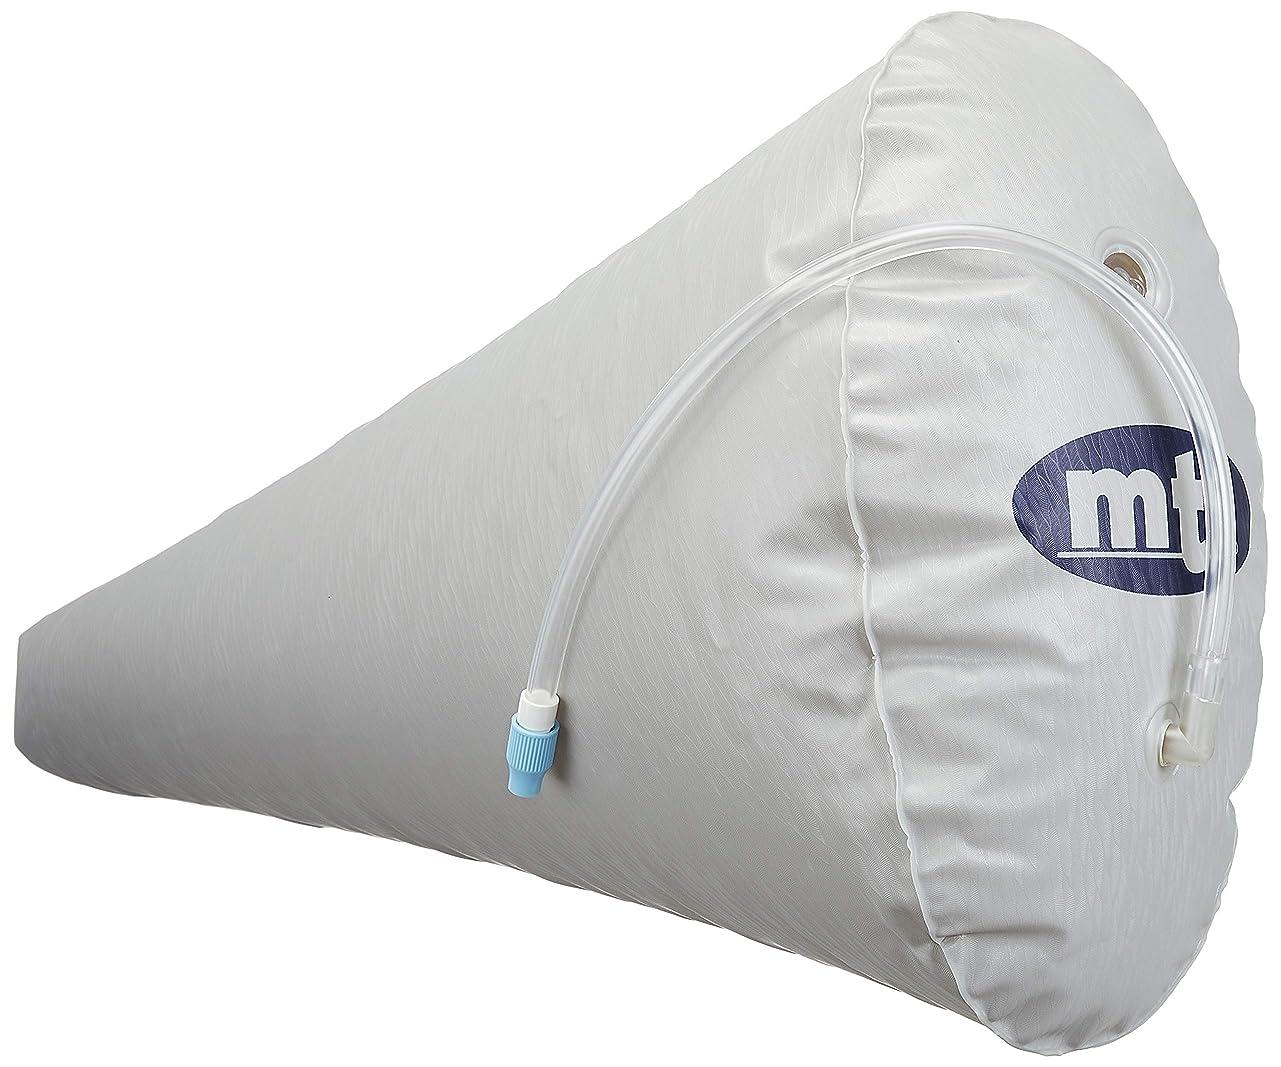 うなり声余暇悲鳴MTI(エムティーアイ) 浮力体 カヌー カヤック MTI MB-FB